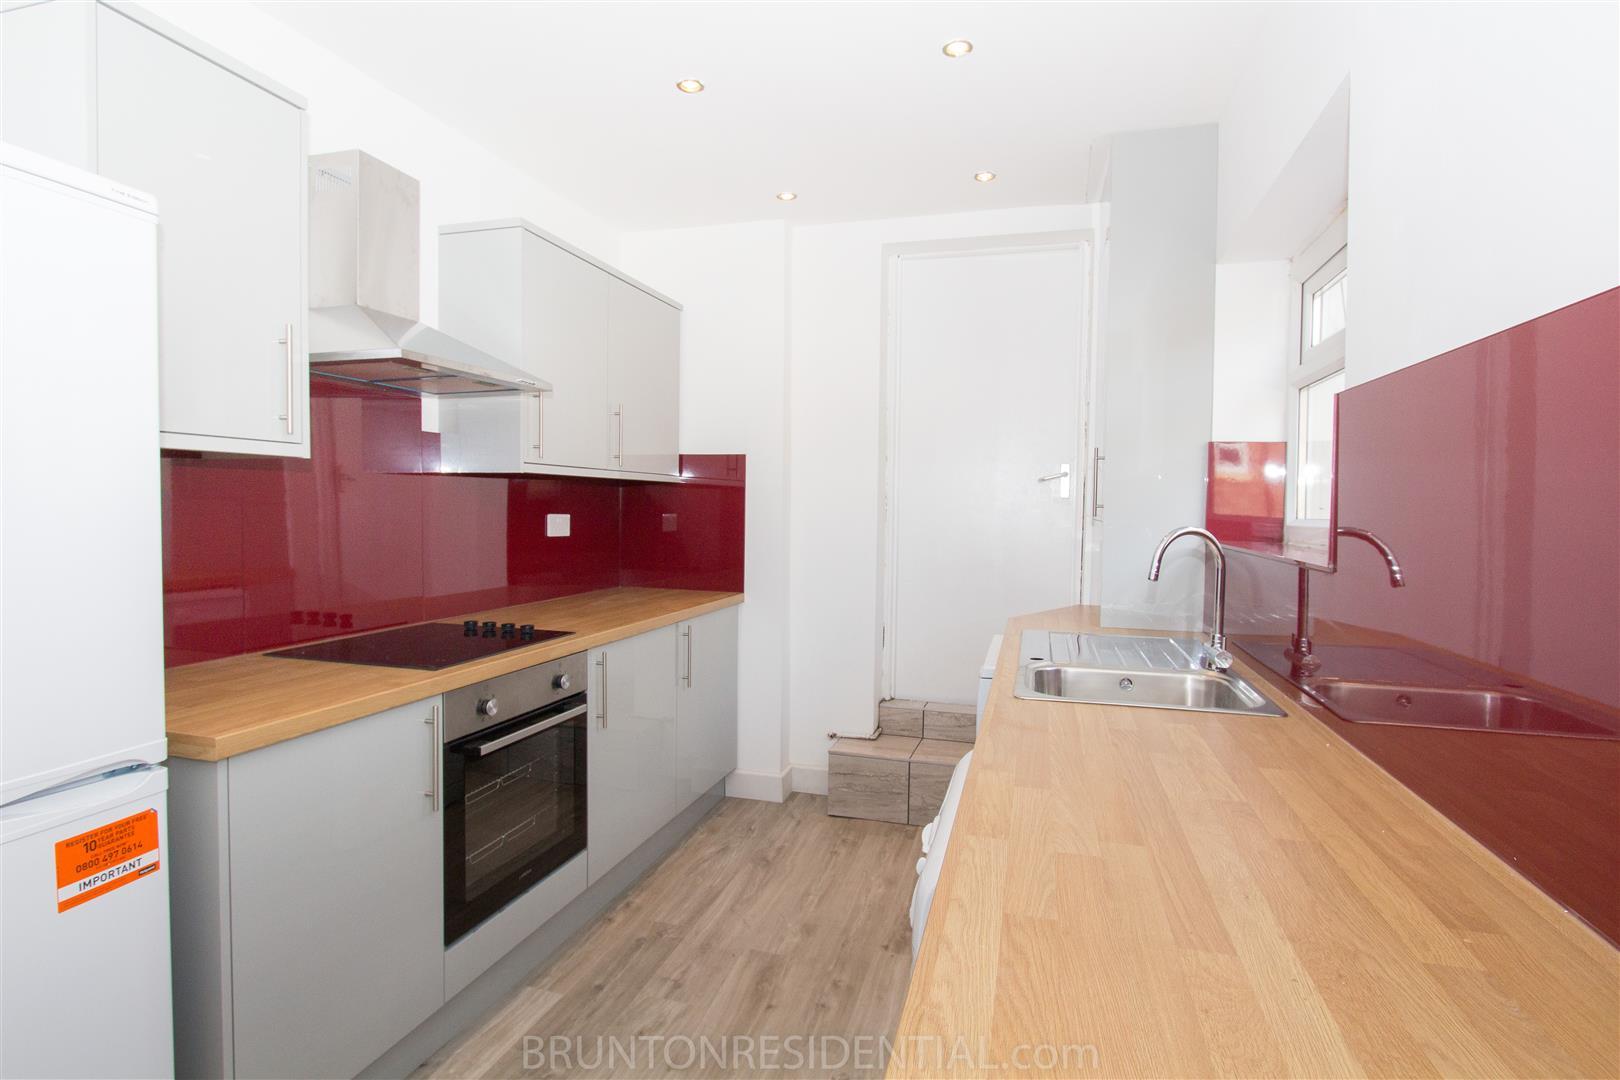 4 bed maisonette to rent in Newcastle Upon Tyne, NE6 5LU, NE6